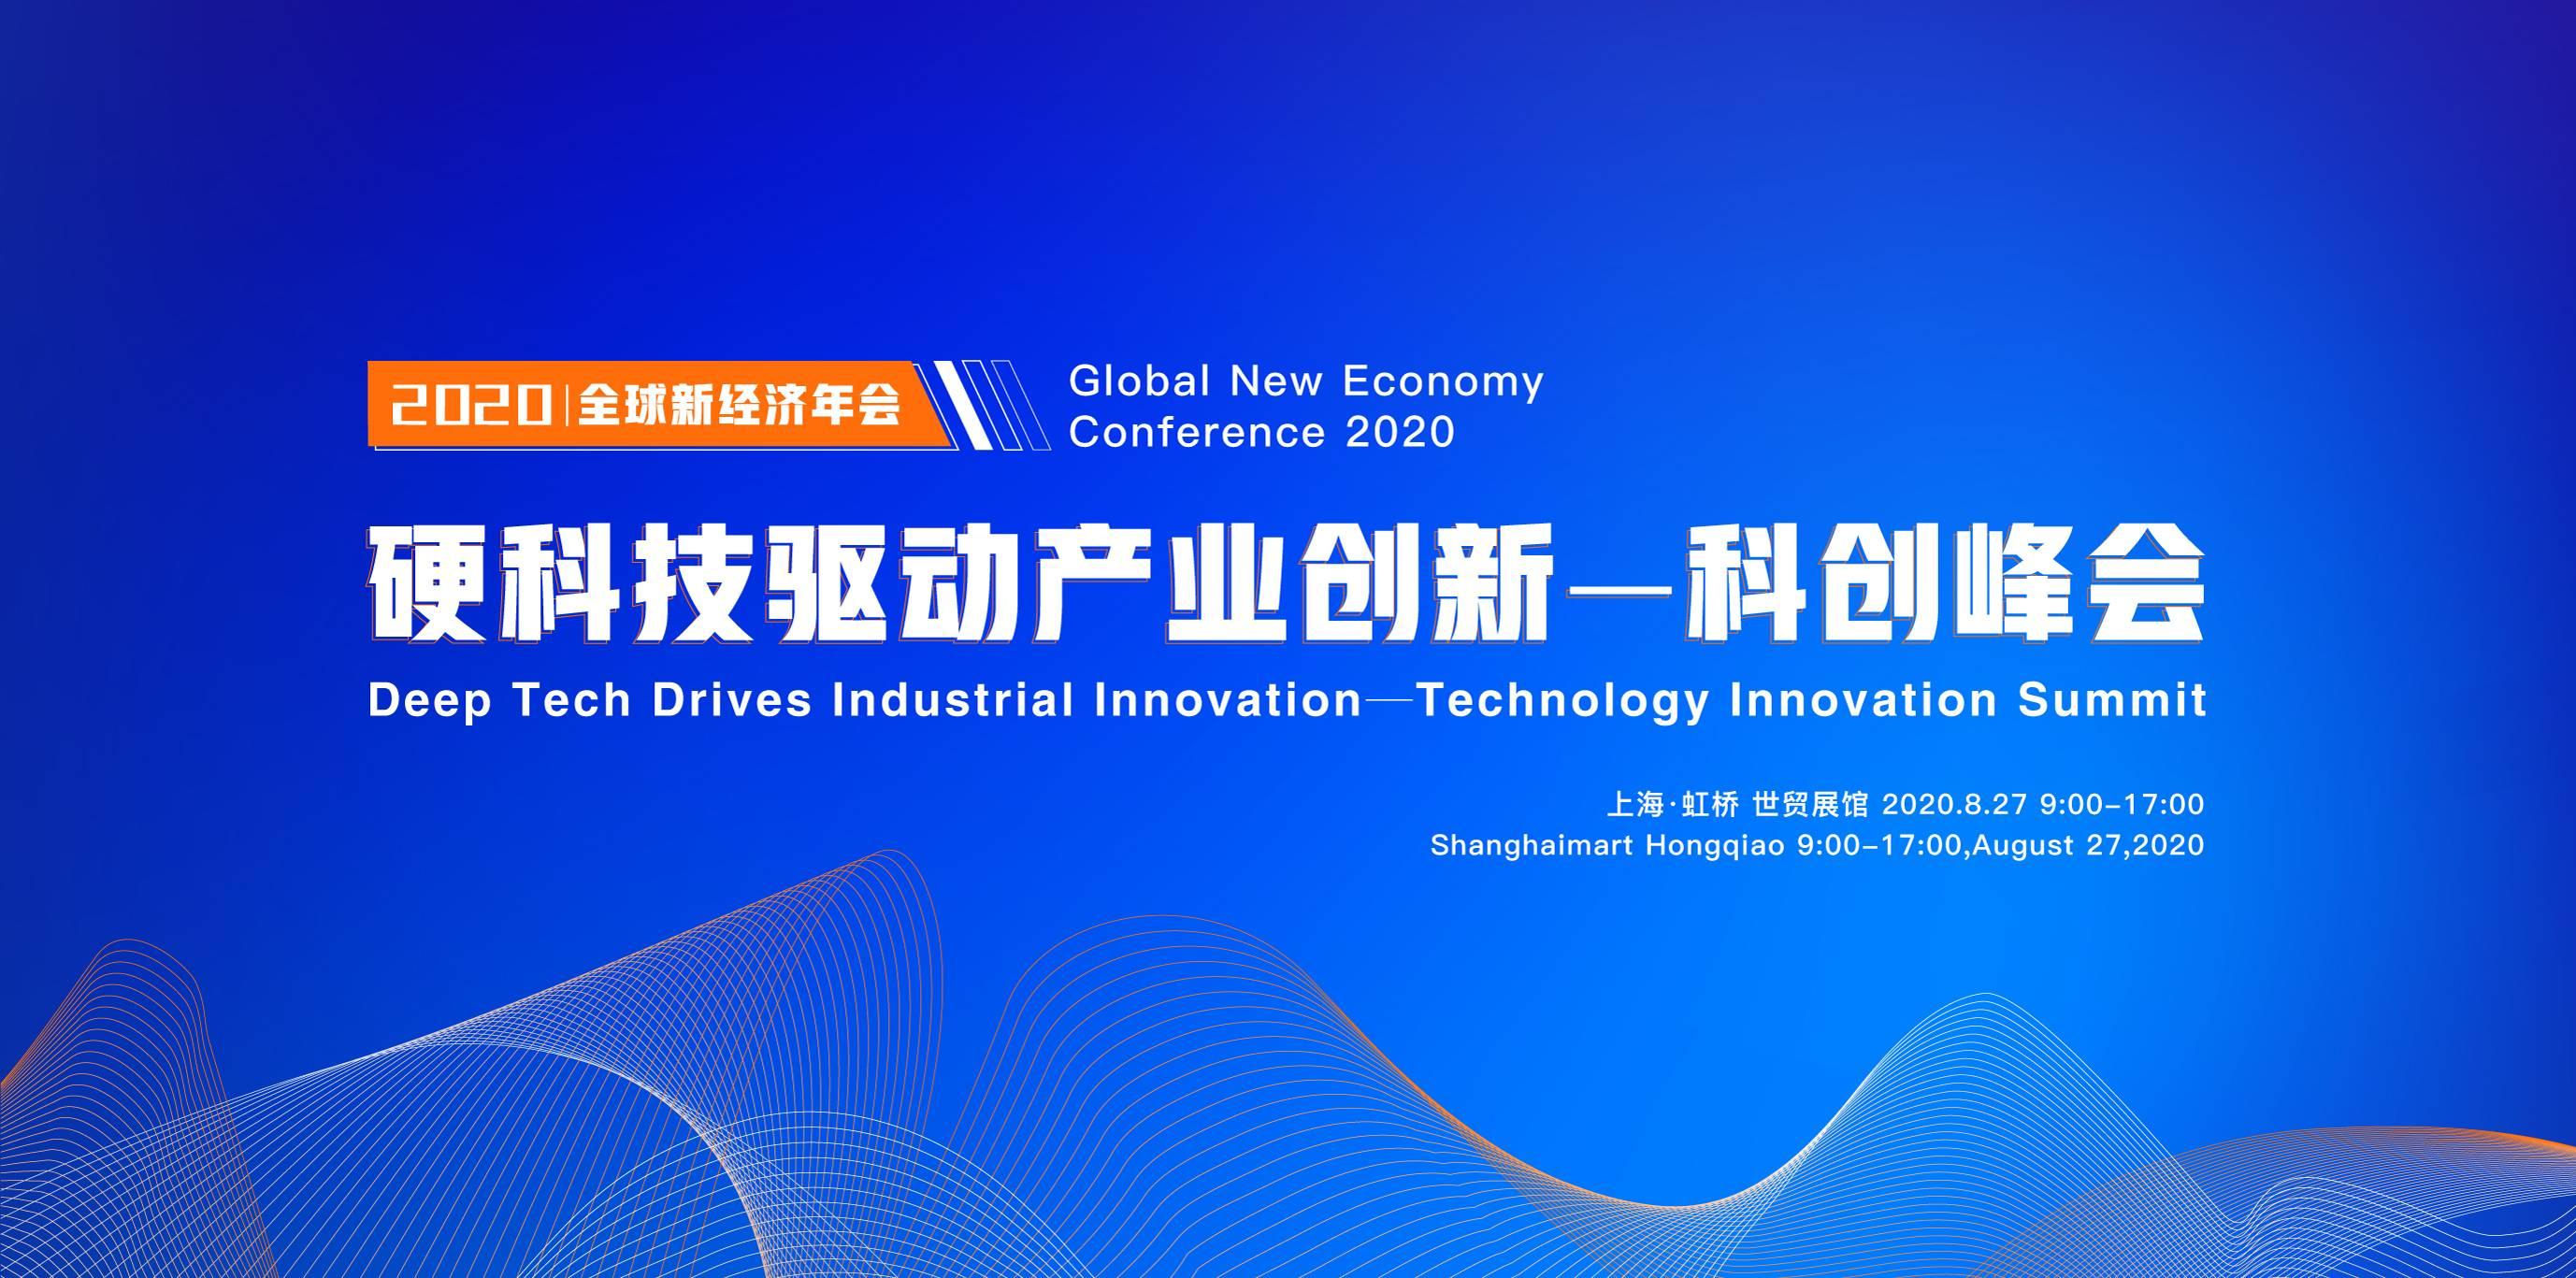 【活动】2020全球新经济年会 科创峰会-亿欧